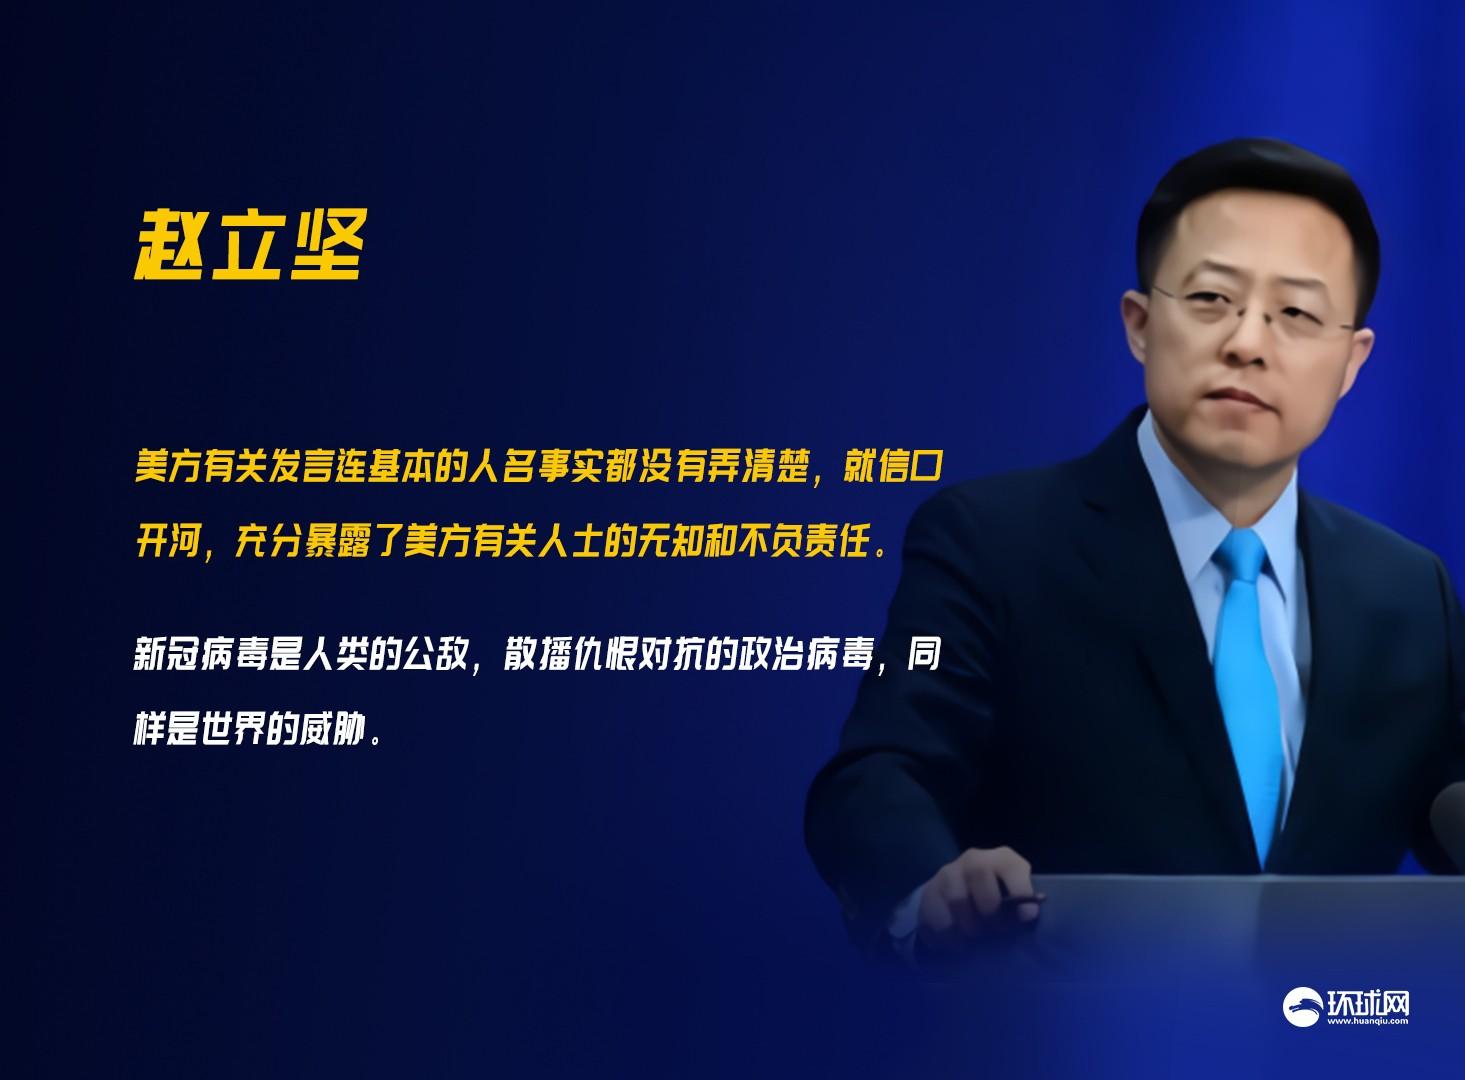 美常驻联合国代表抹黑中国 赵立坚:信口开河 活生生把人说死了